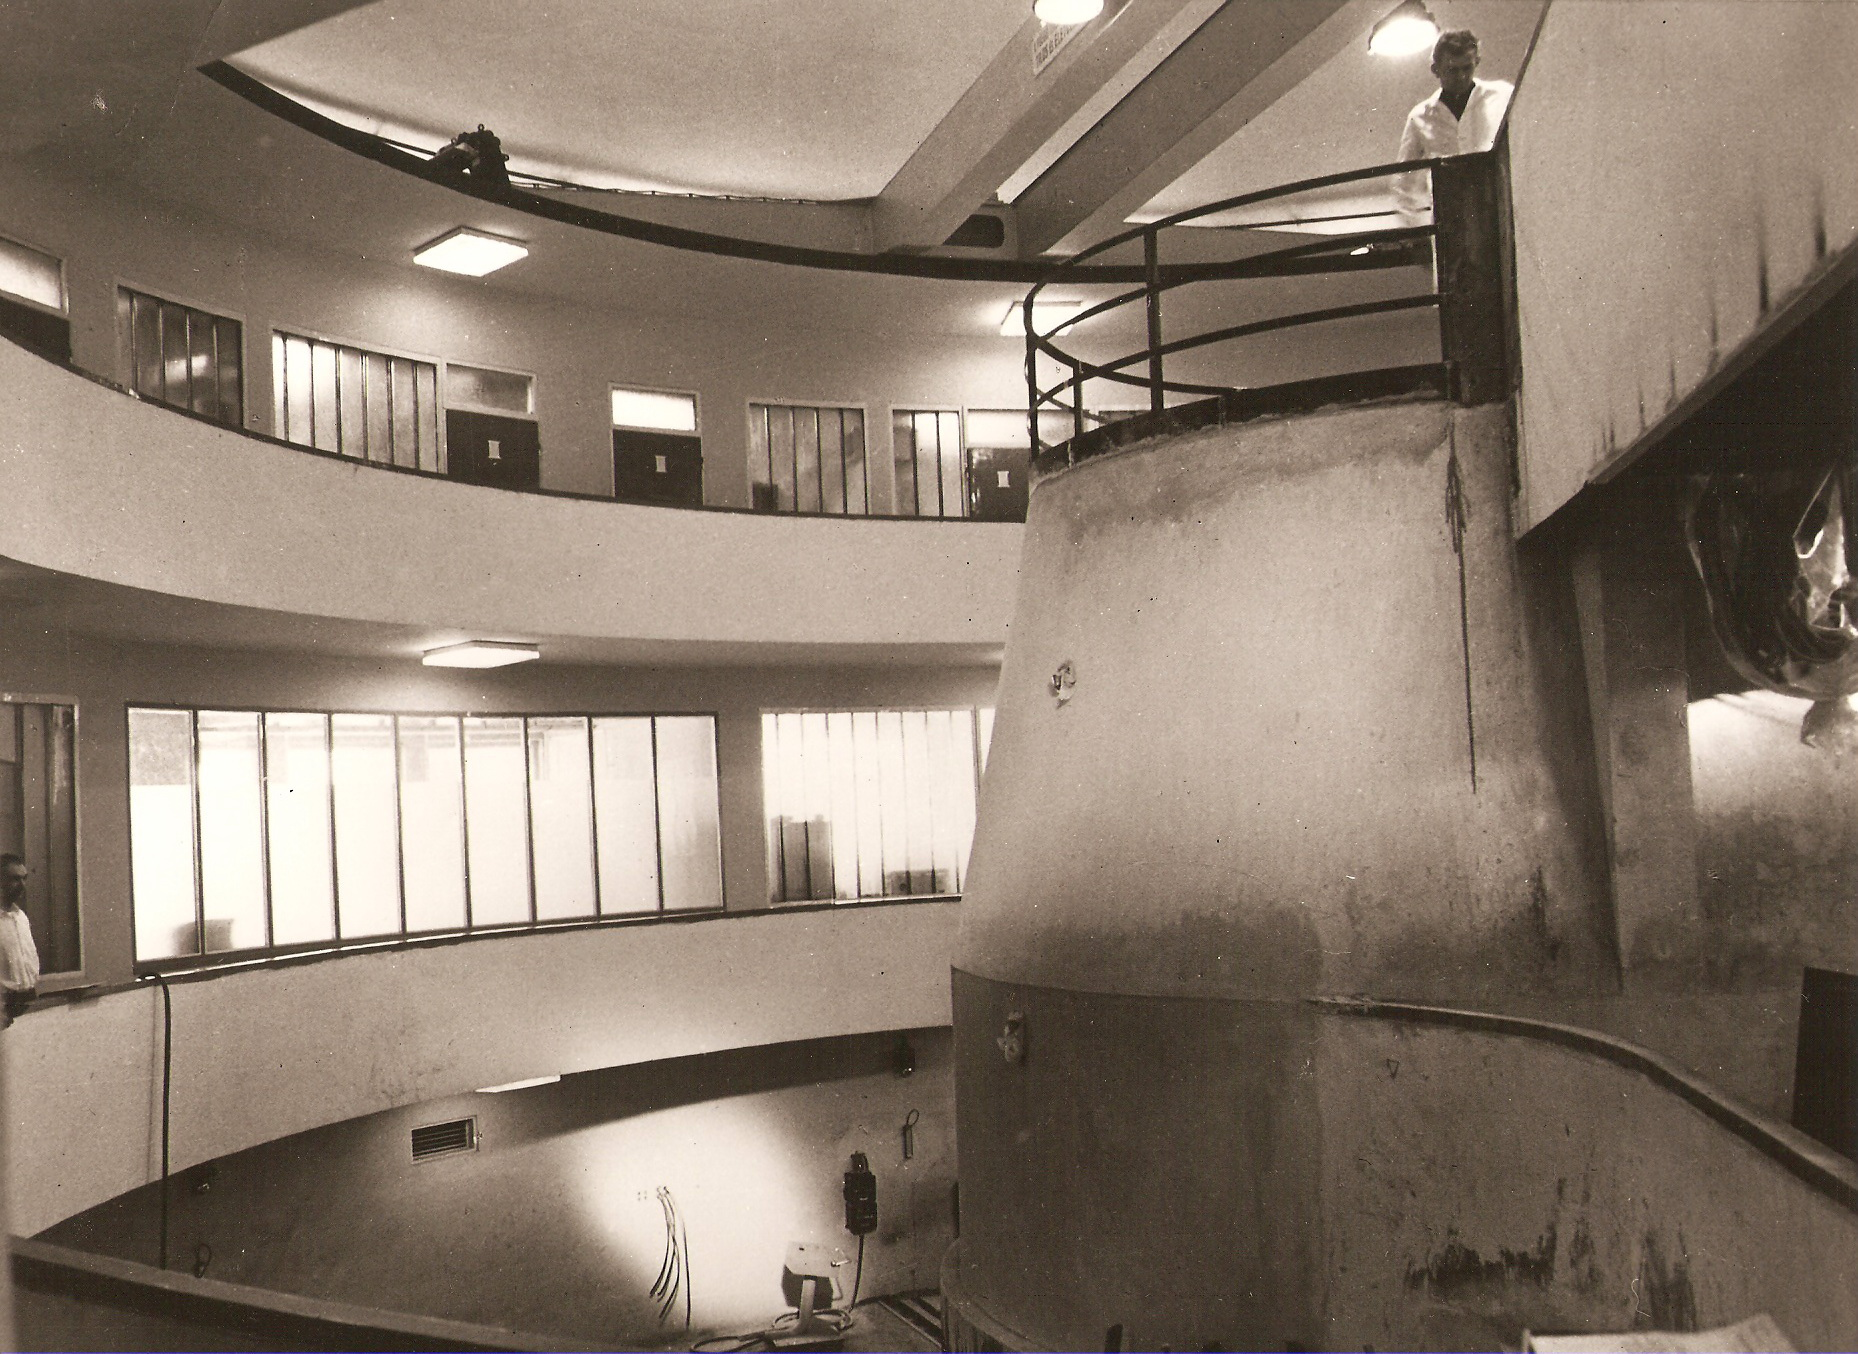 muegyetem-kiserletiatomreaktor-epul-1969.jpg